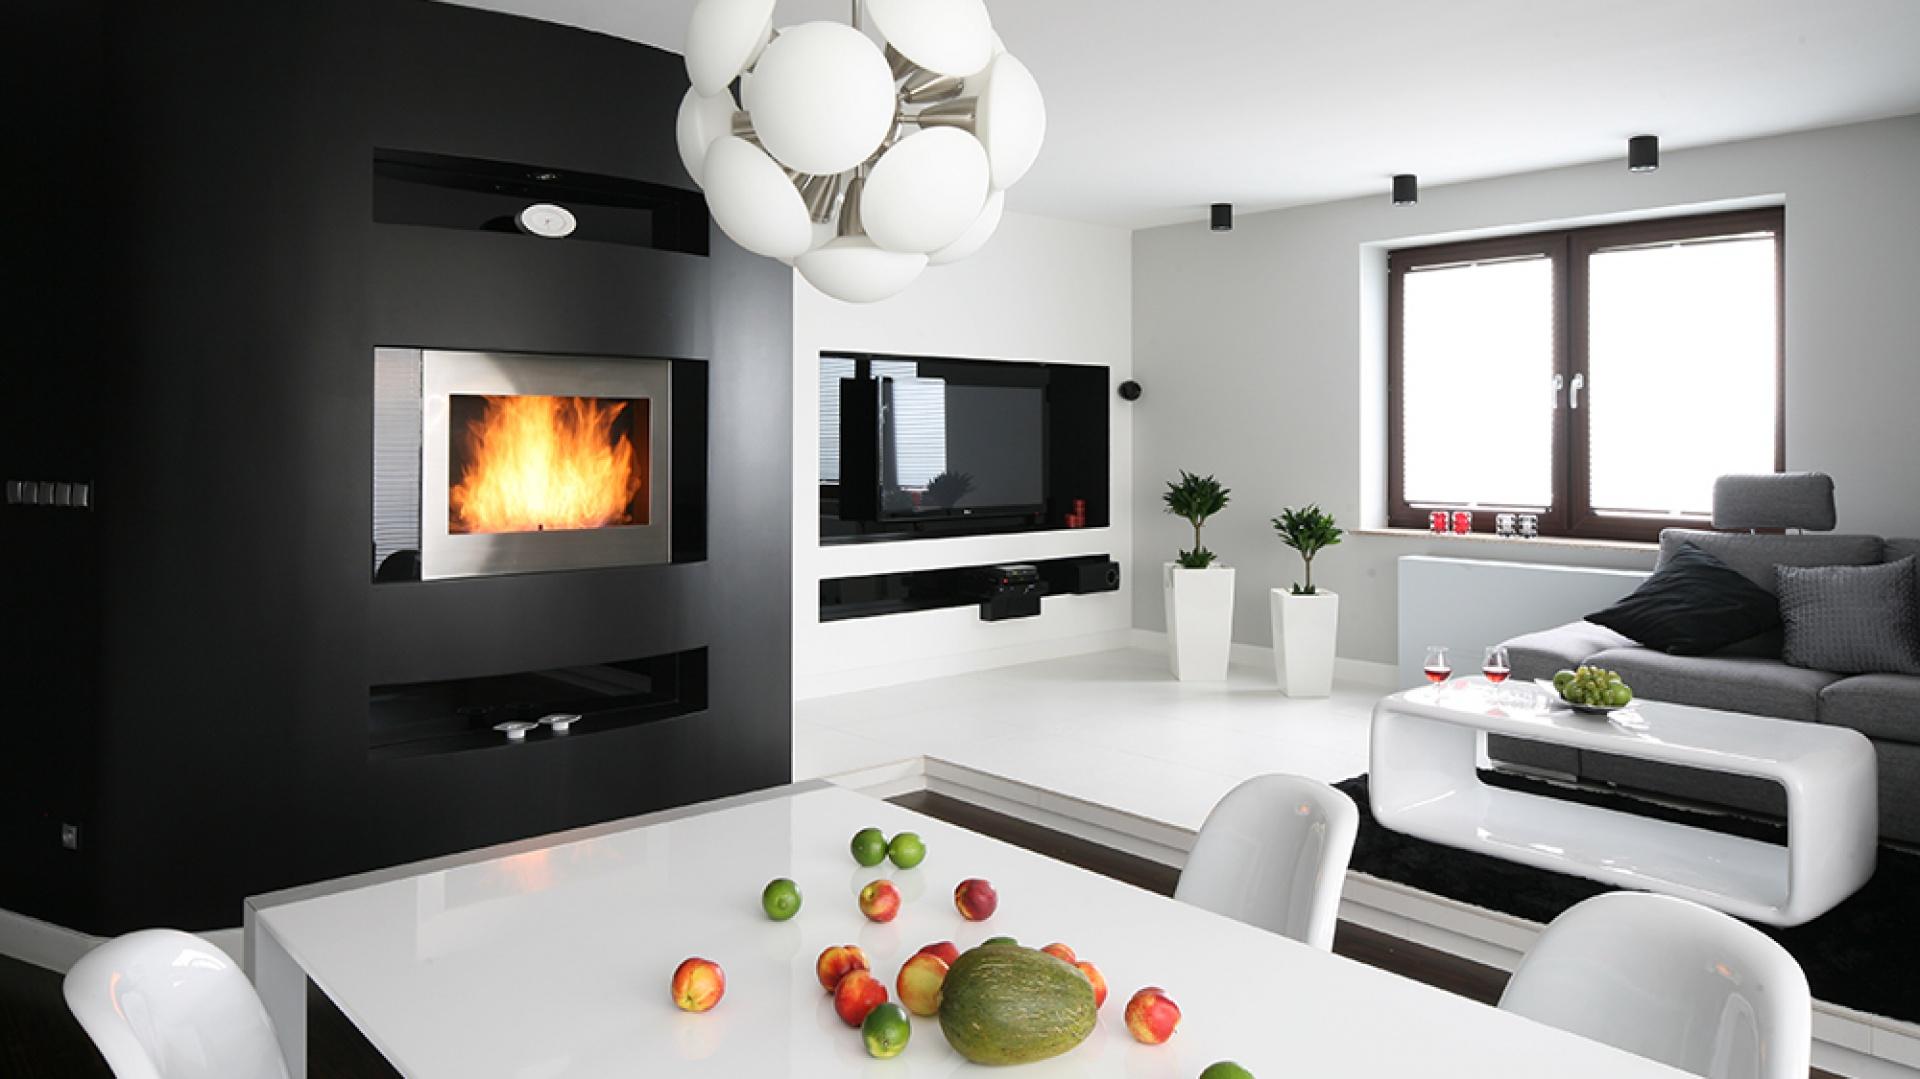 Biel sprawia, że przestrzeń salonu wydaje się większa i przestronniejsza niż w rzeczywistości. Czarna ściana jest tu silną przeciwwagą - to niesłychanie trudne połączenie wymagało zachowania umiaru i równowagi między relacją obu kolorów. Fot. Bartosz Jarosz.